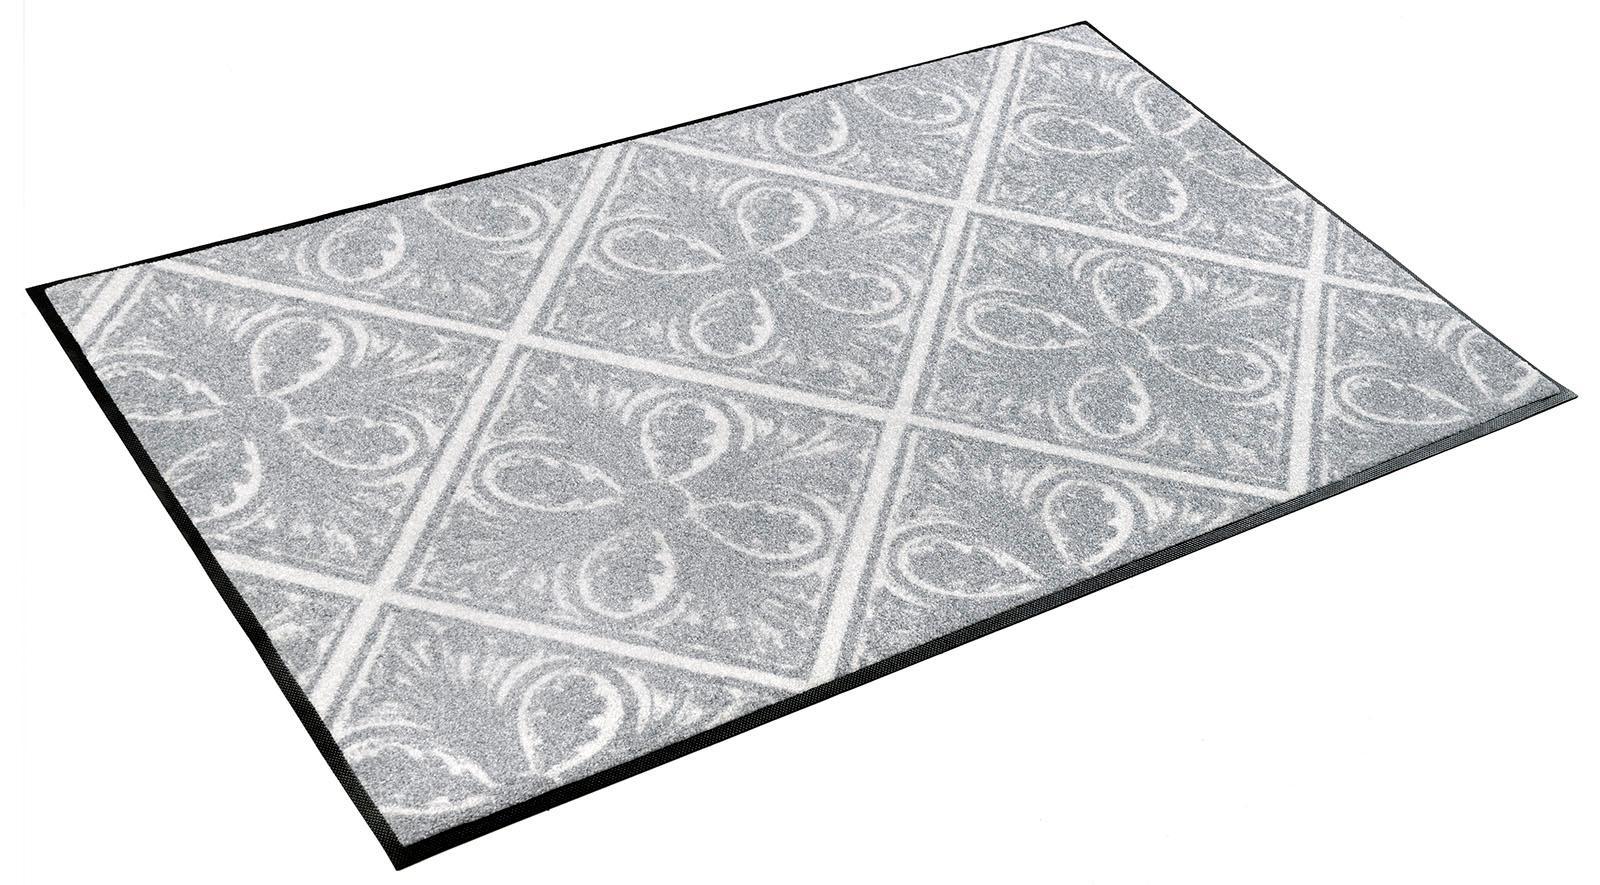 Teppich Adorno wash+dry by Kleen-Tex rechteckig Höhe 7 mm gedruckt